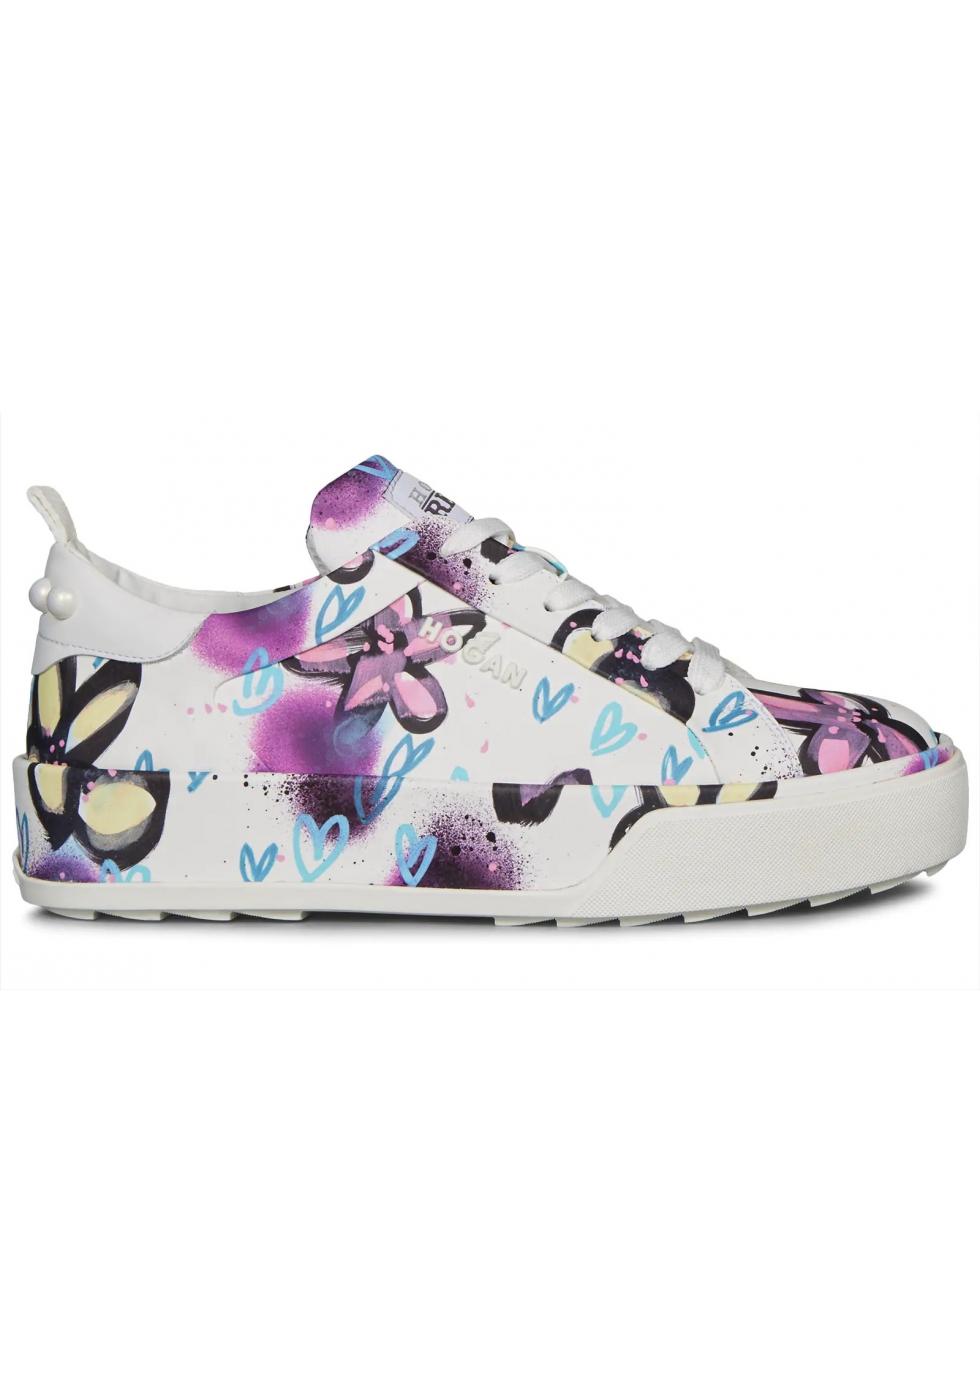 Hogan Sneakers da donna in pelle multicolore stampa fiori cuori ...